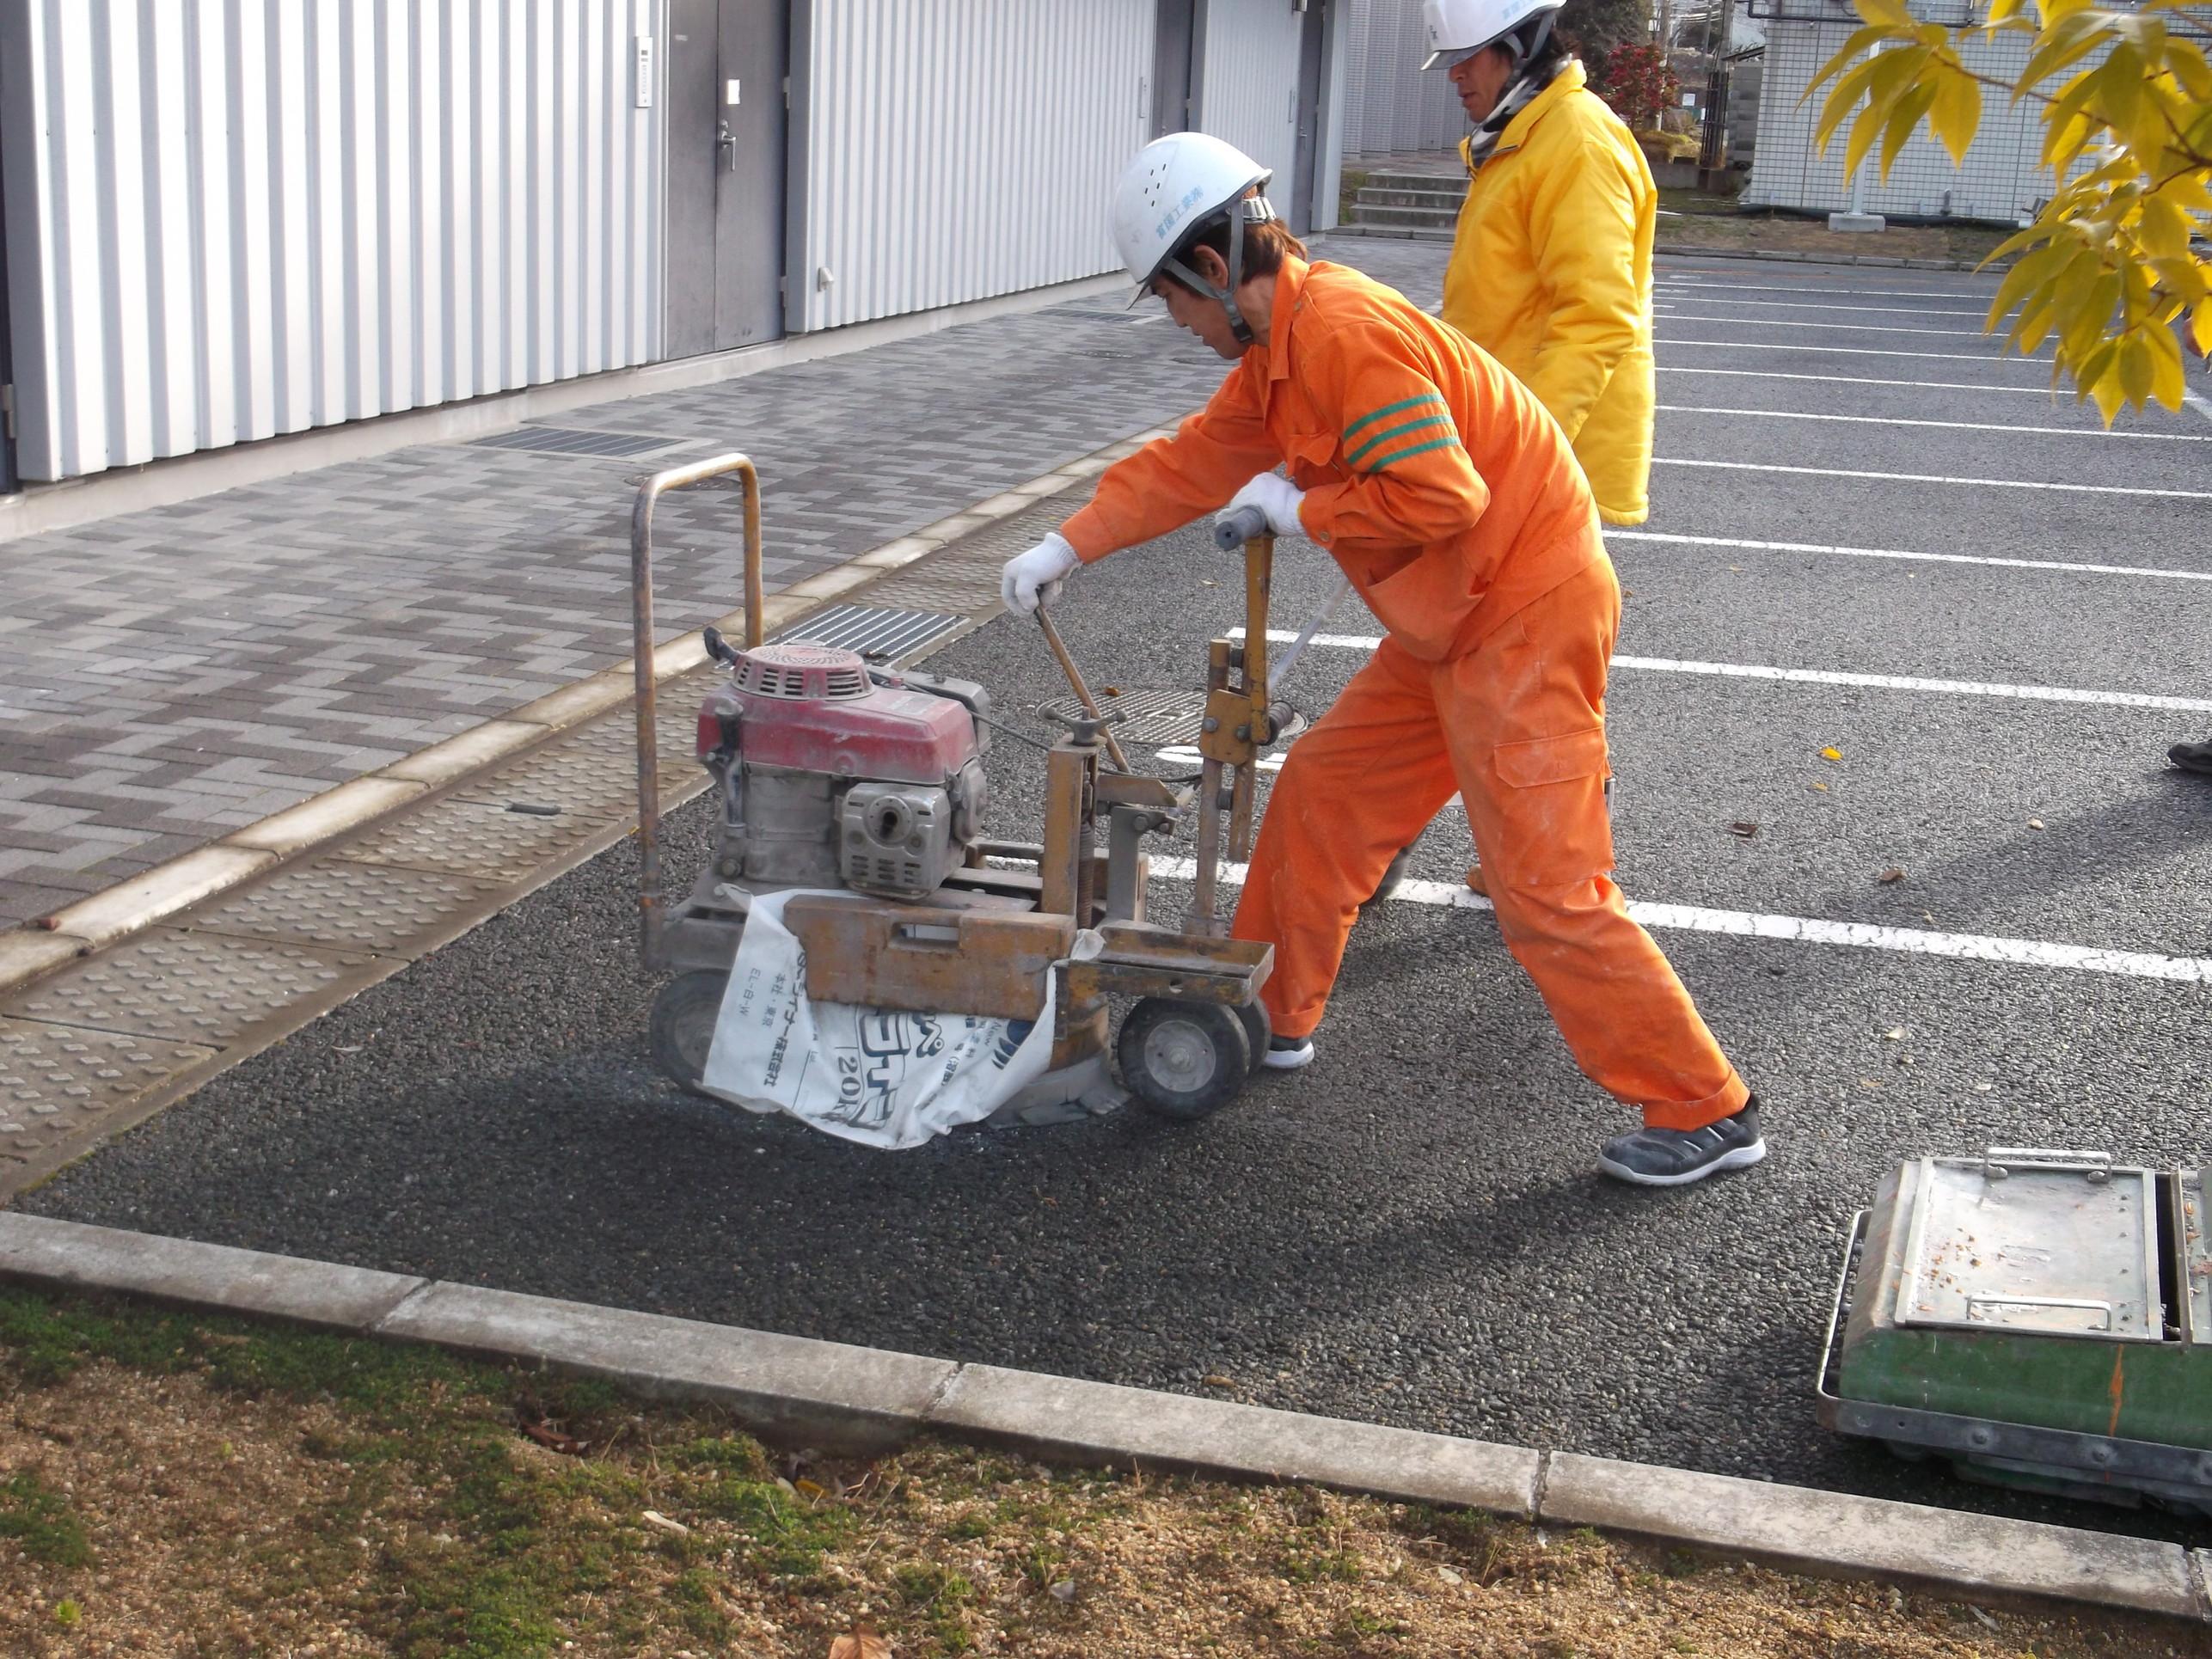 池田市 某施設 駐車場ライン工事イメージ01